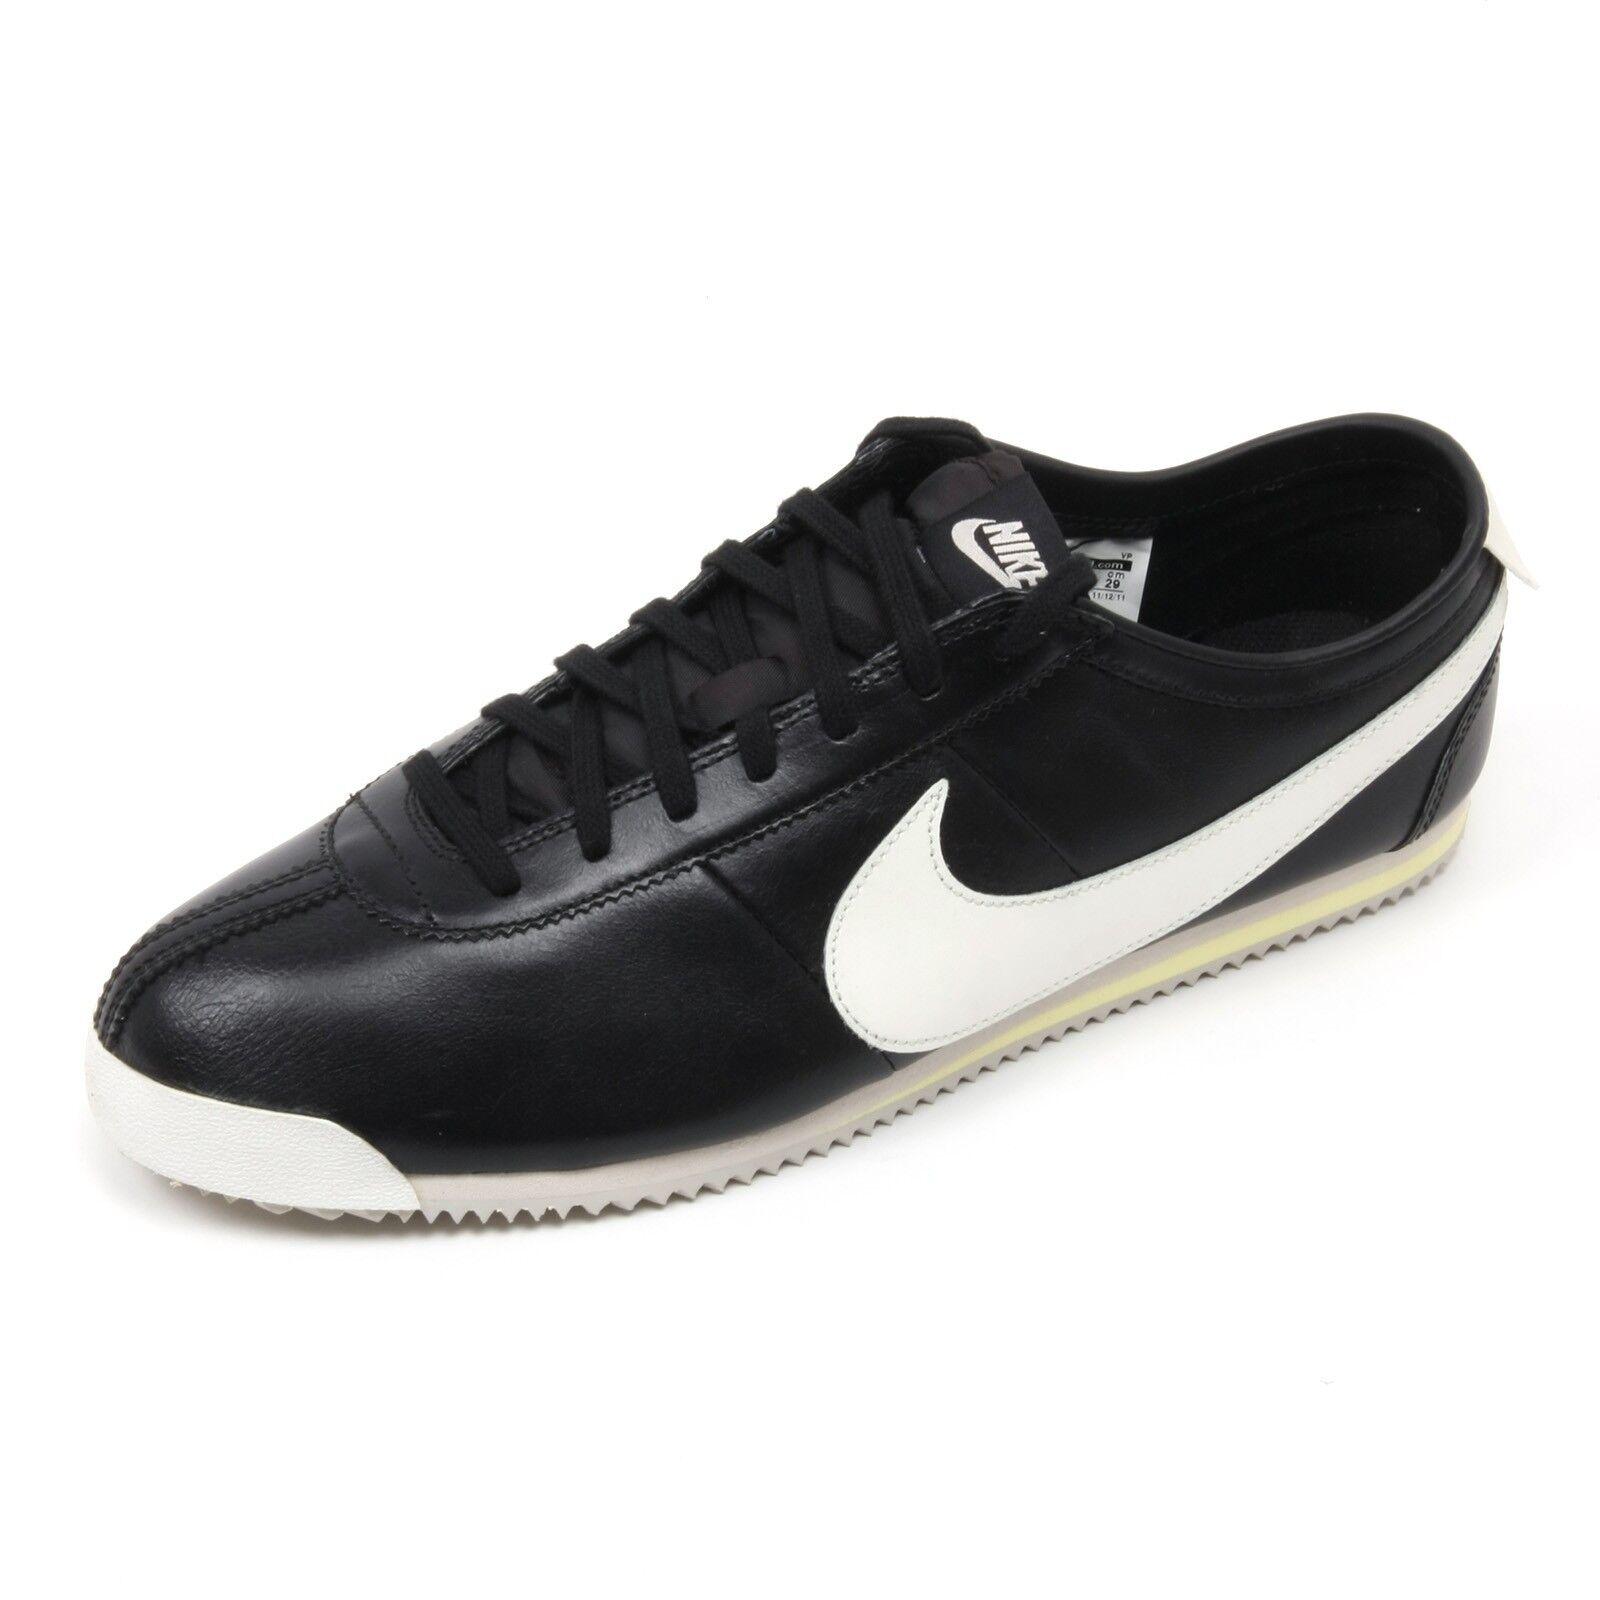 C2654 zapatilla hombre NIKE CORTEZ CLASSIC zapato OG LEATHER  zapato CLASSIC  avorio/rosso  zapato  man 40e80a